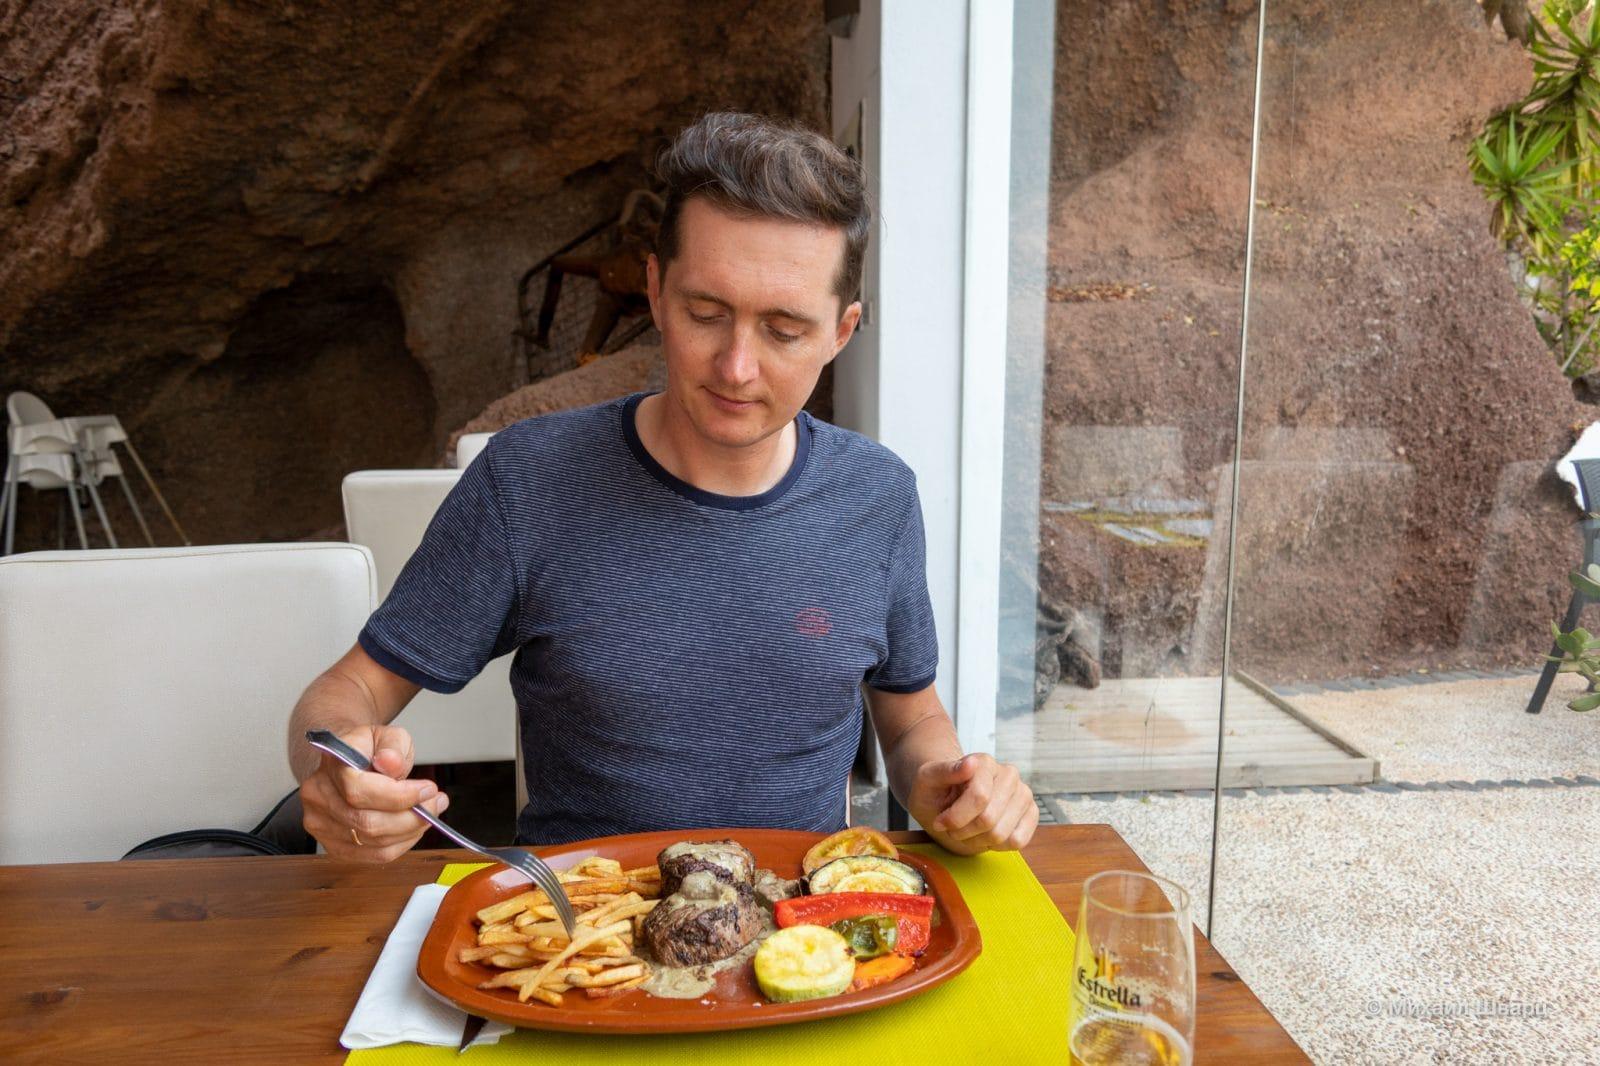 Cтейк со сливочным соусом из фуа-гра и грибами